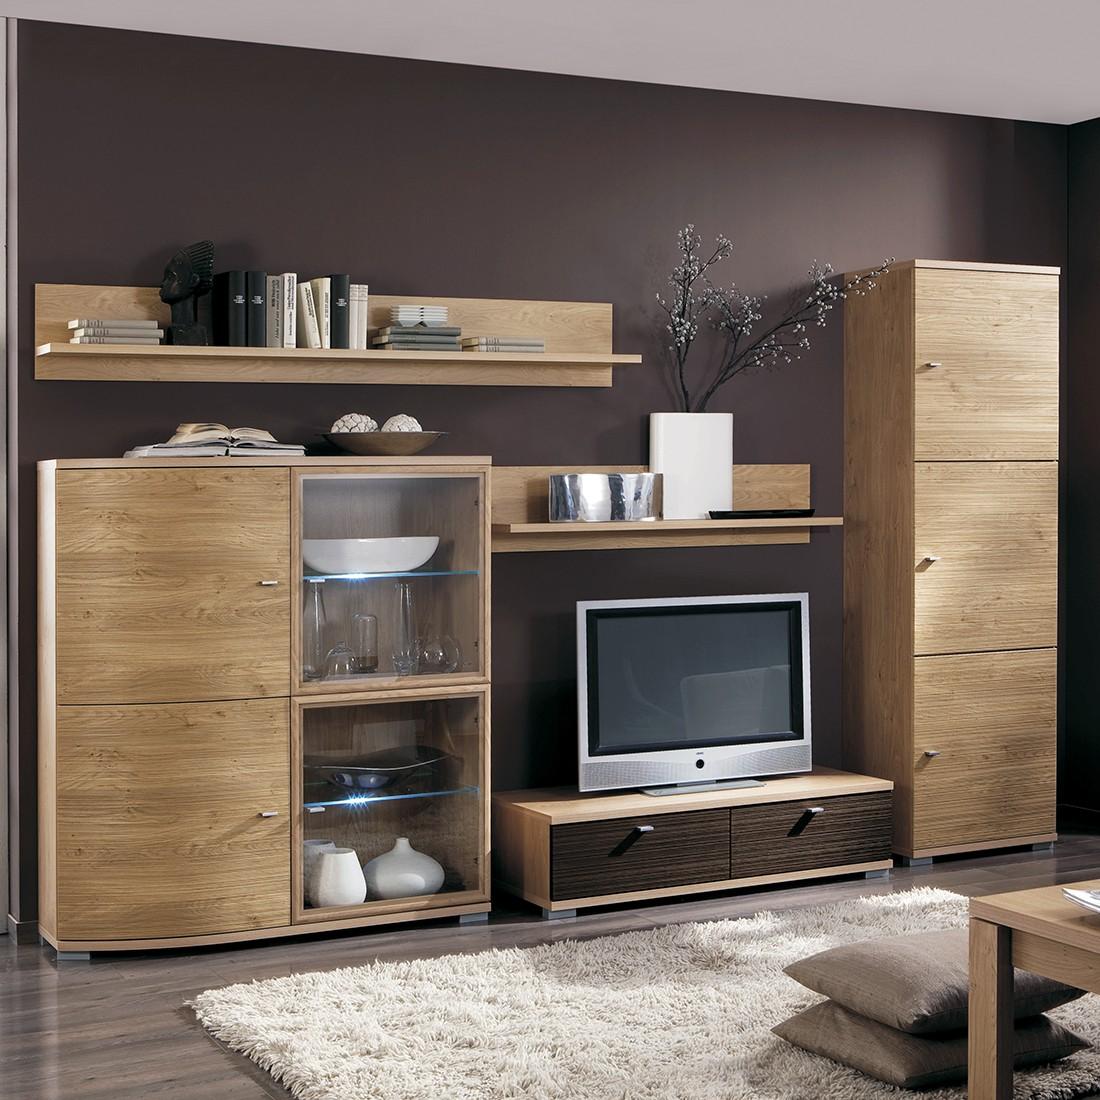 wohnwand morena 5 teilig wildeiche dekor ohne beleuchtung. Black Bedroom Furniture Sets. Home Design Ideas